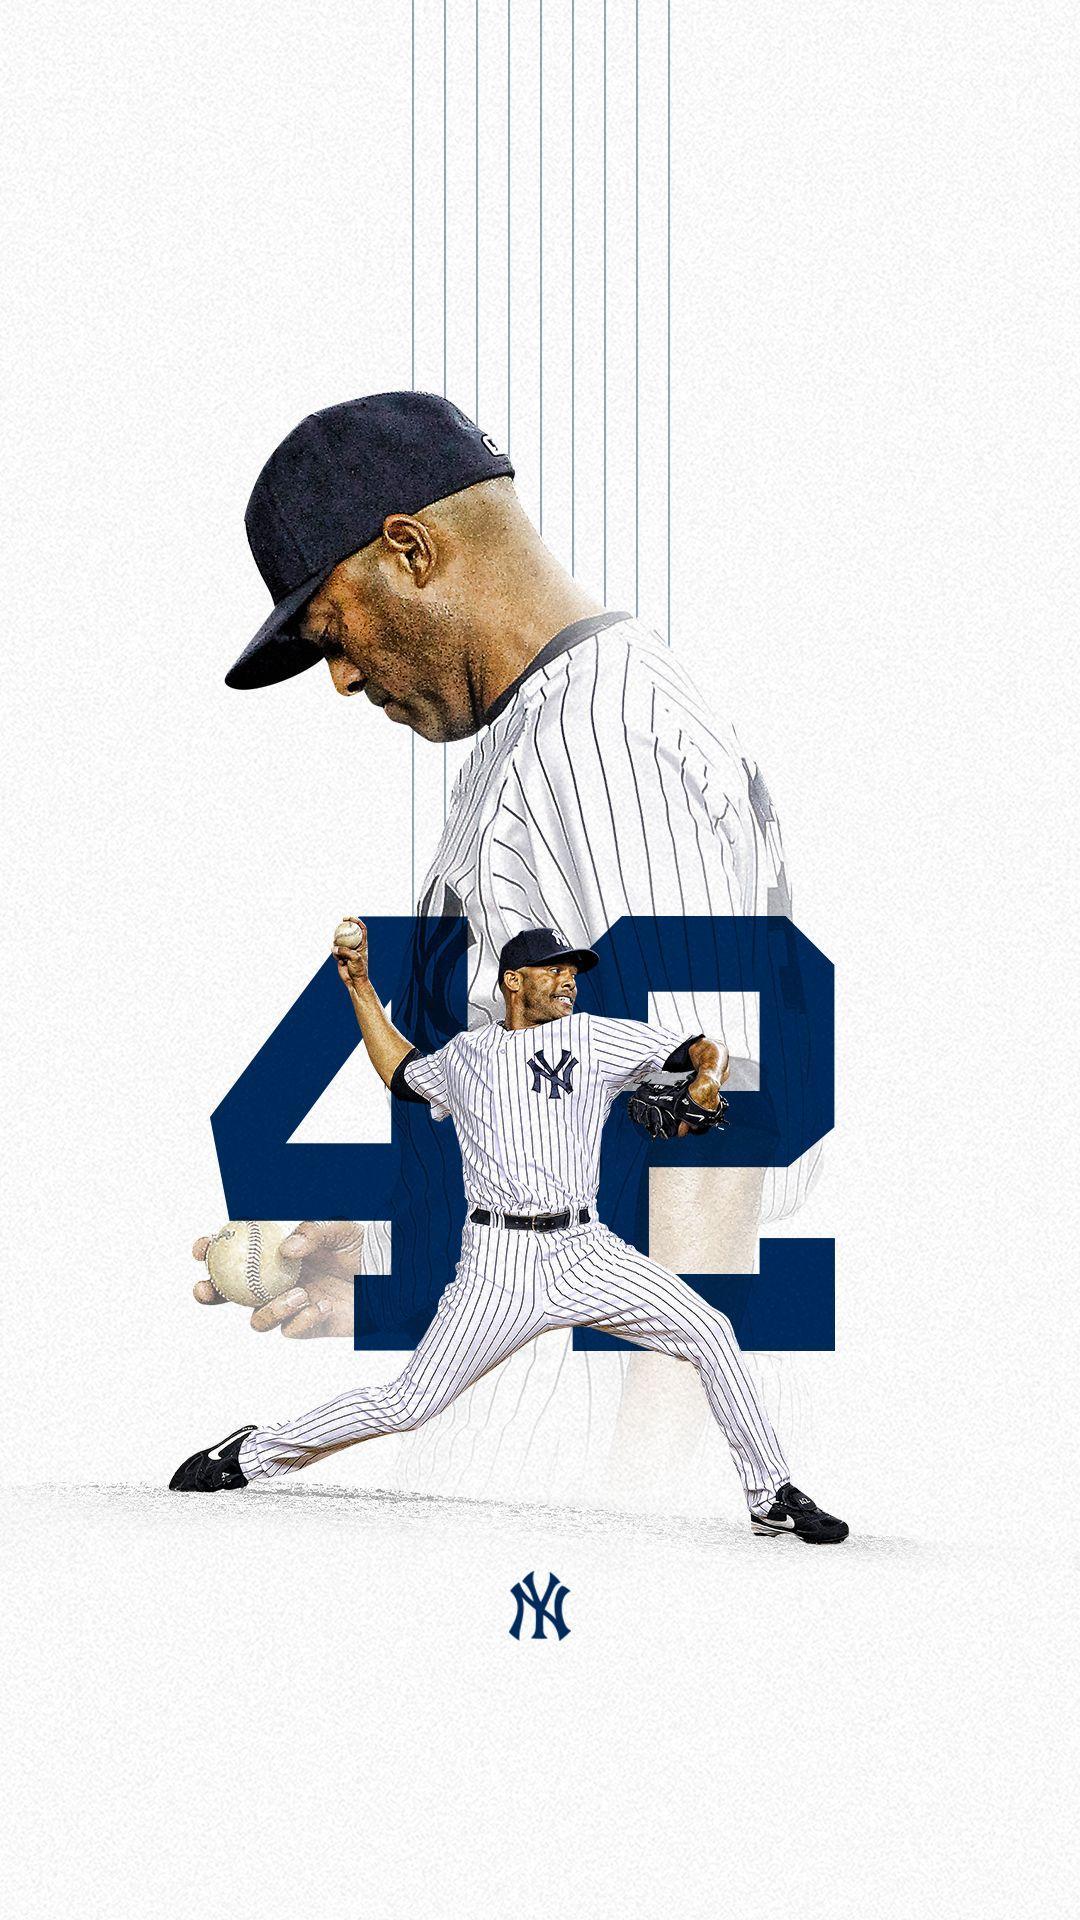 New York Yankees 2019 Wallpapers - Wallpaper Cave